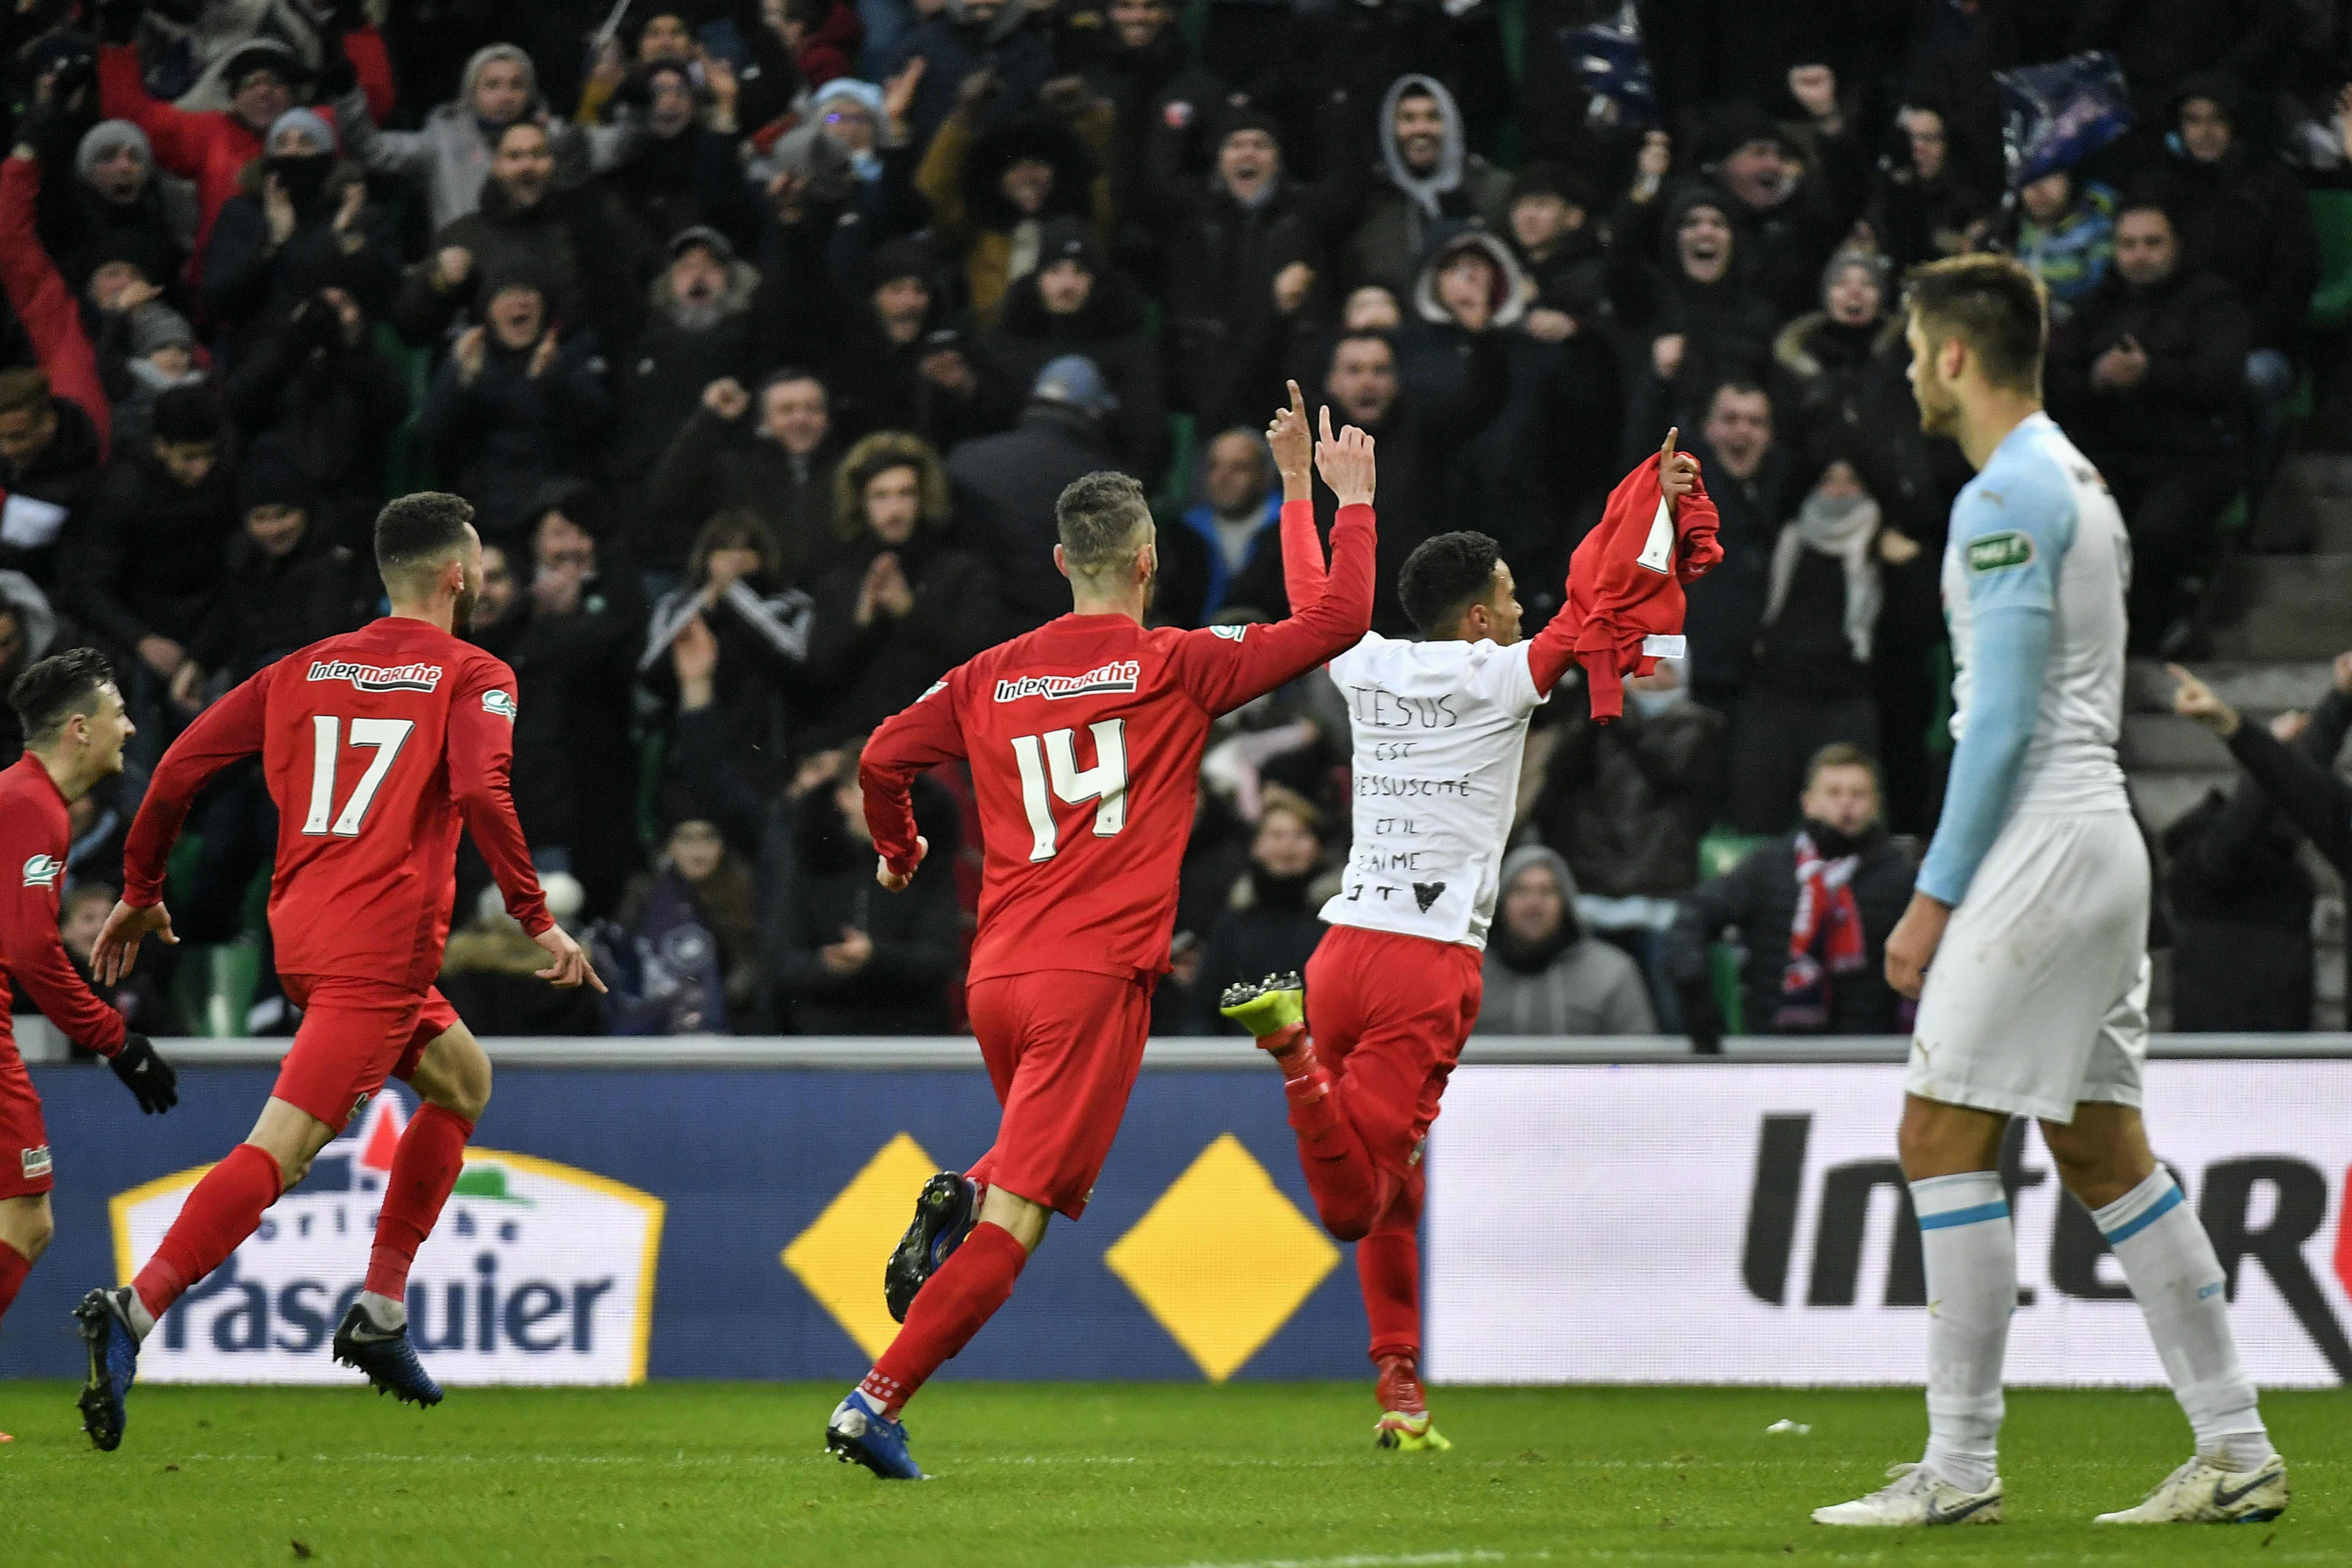 Football - Coupe de France - Coupe de France : l'OM sombre face à Andrézieux